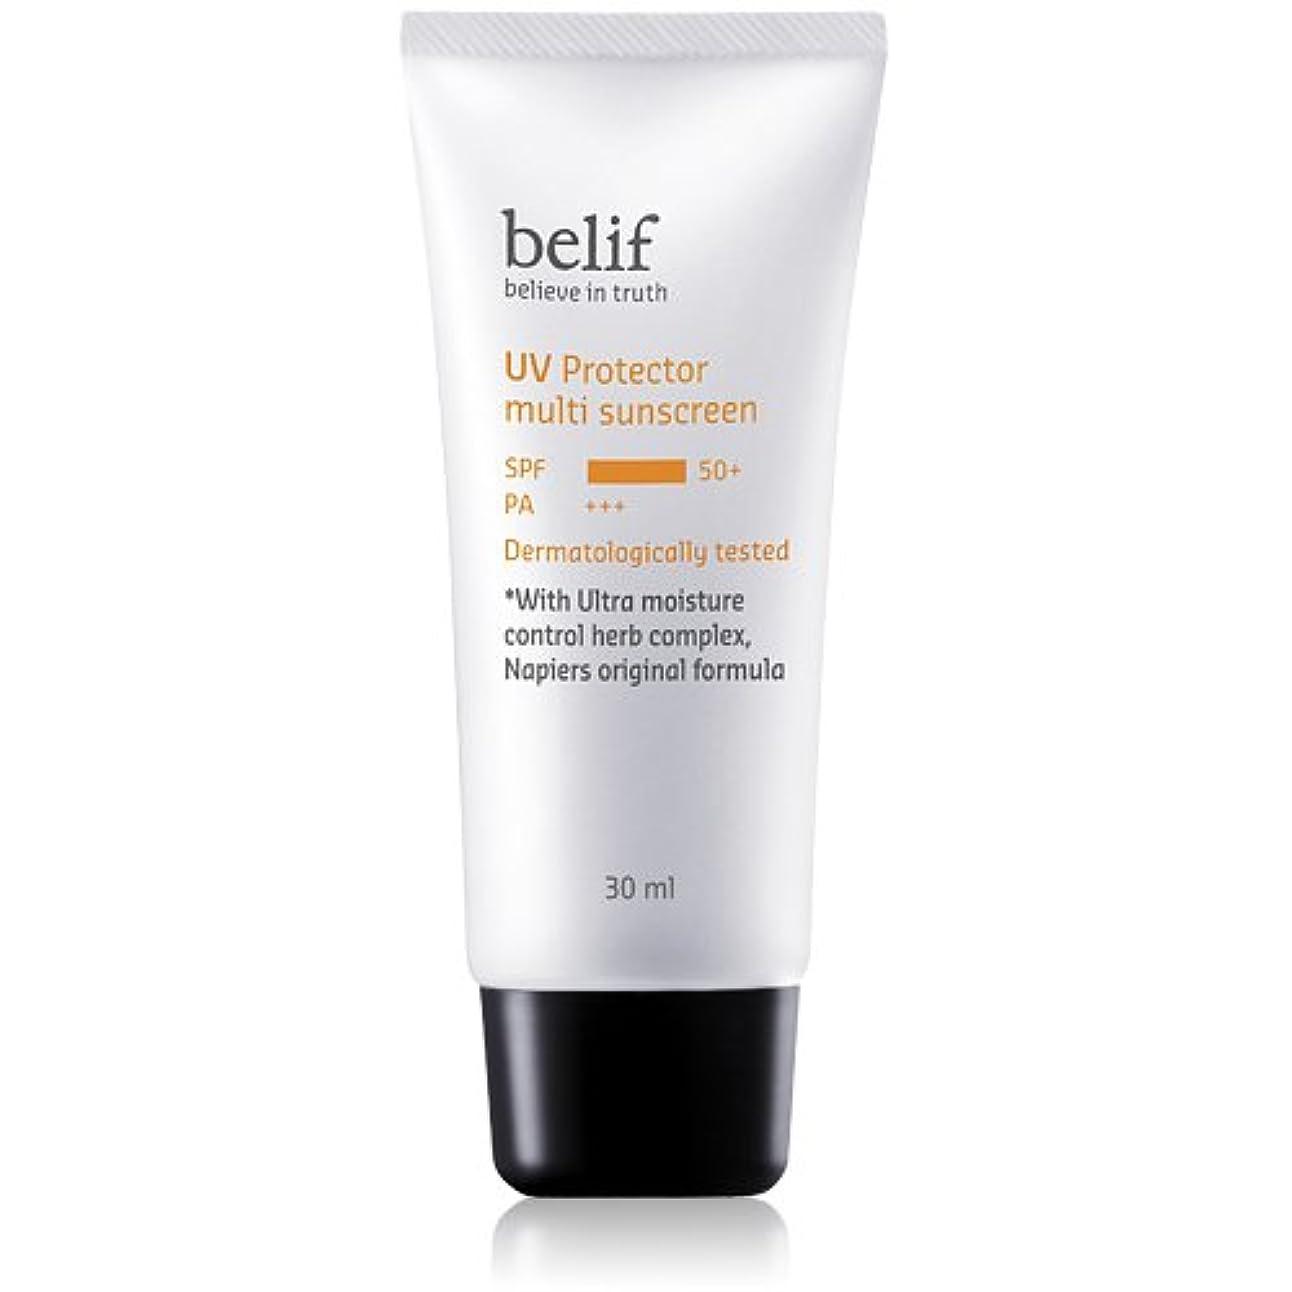 無謀単にプログラムBelif(ビリーフ)UV Protector Multi sunscreen 30ml/ビリーフUVプロテクターマルチサンスクリーン